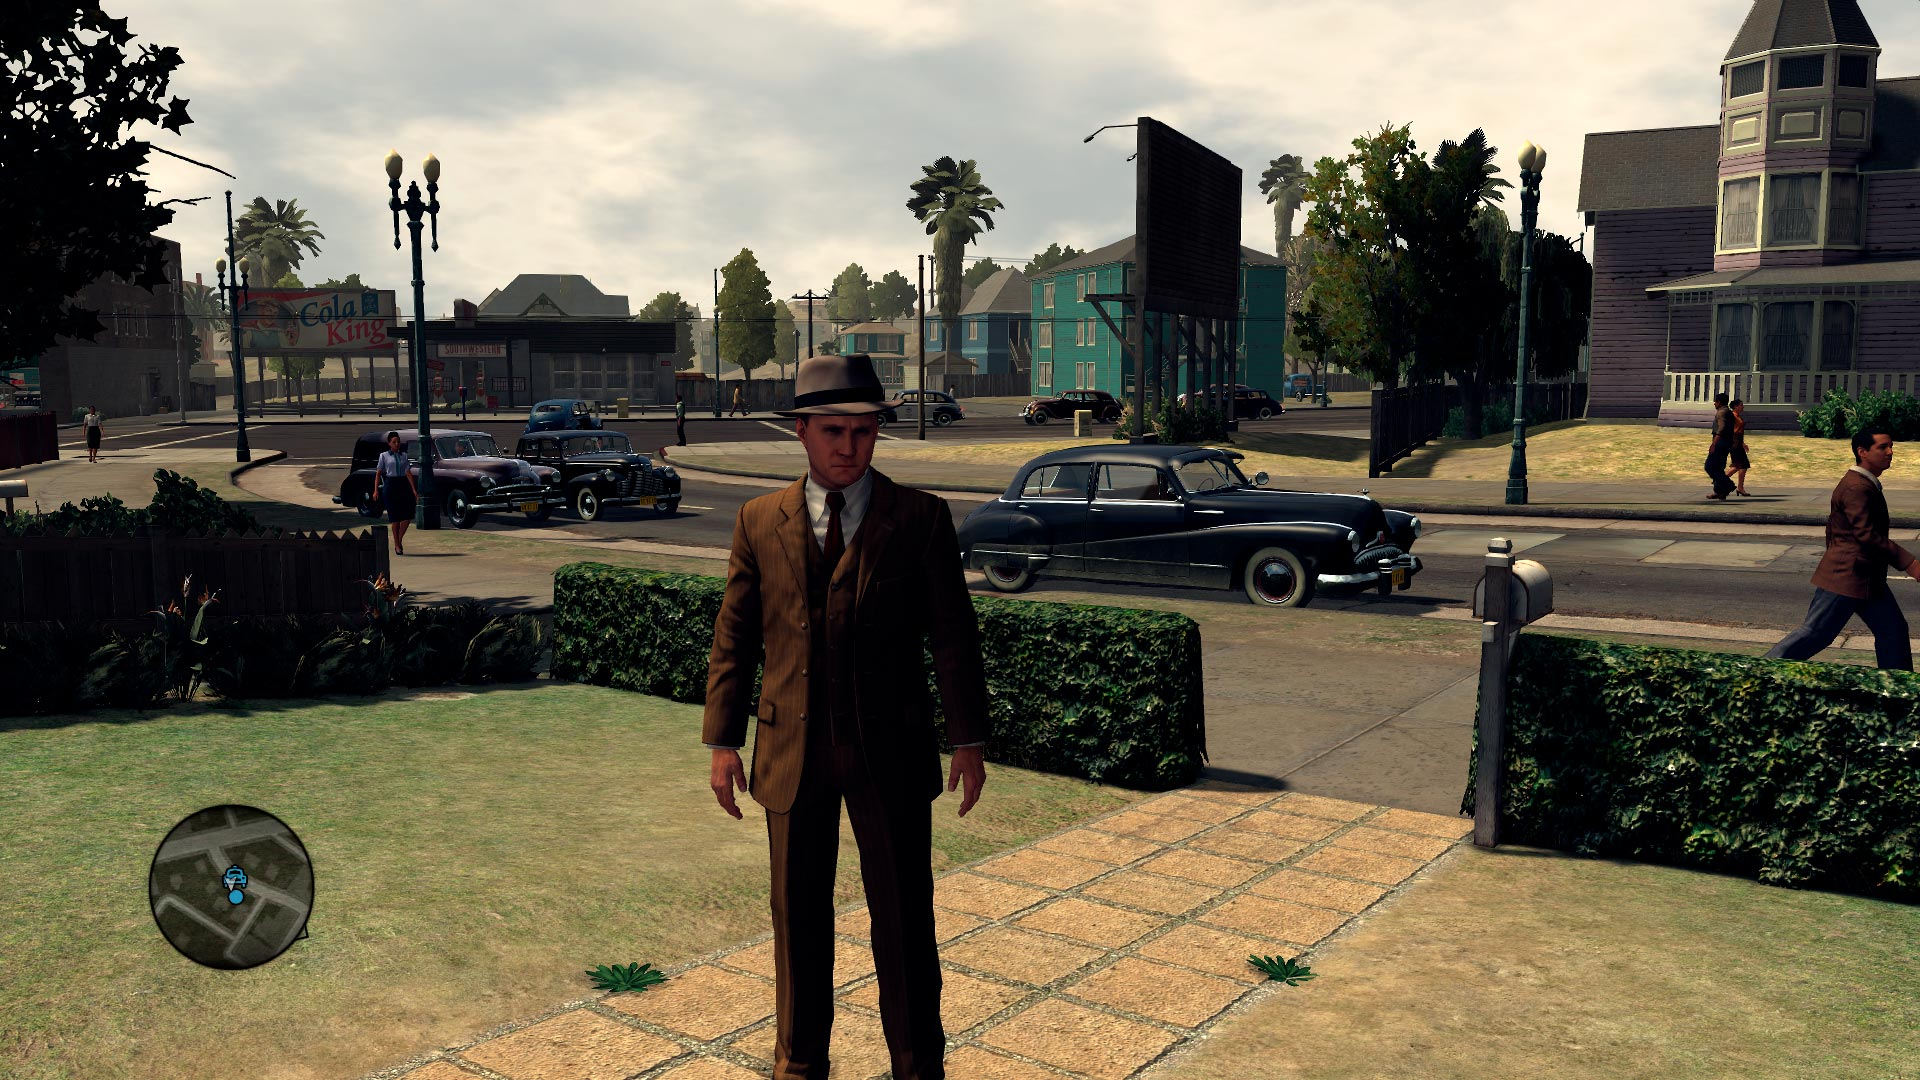 Phelps como detective en uno de los barrio de Los Ángeles